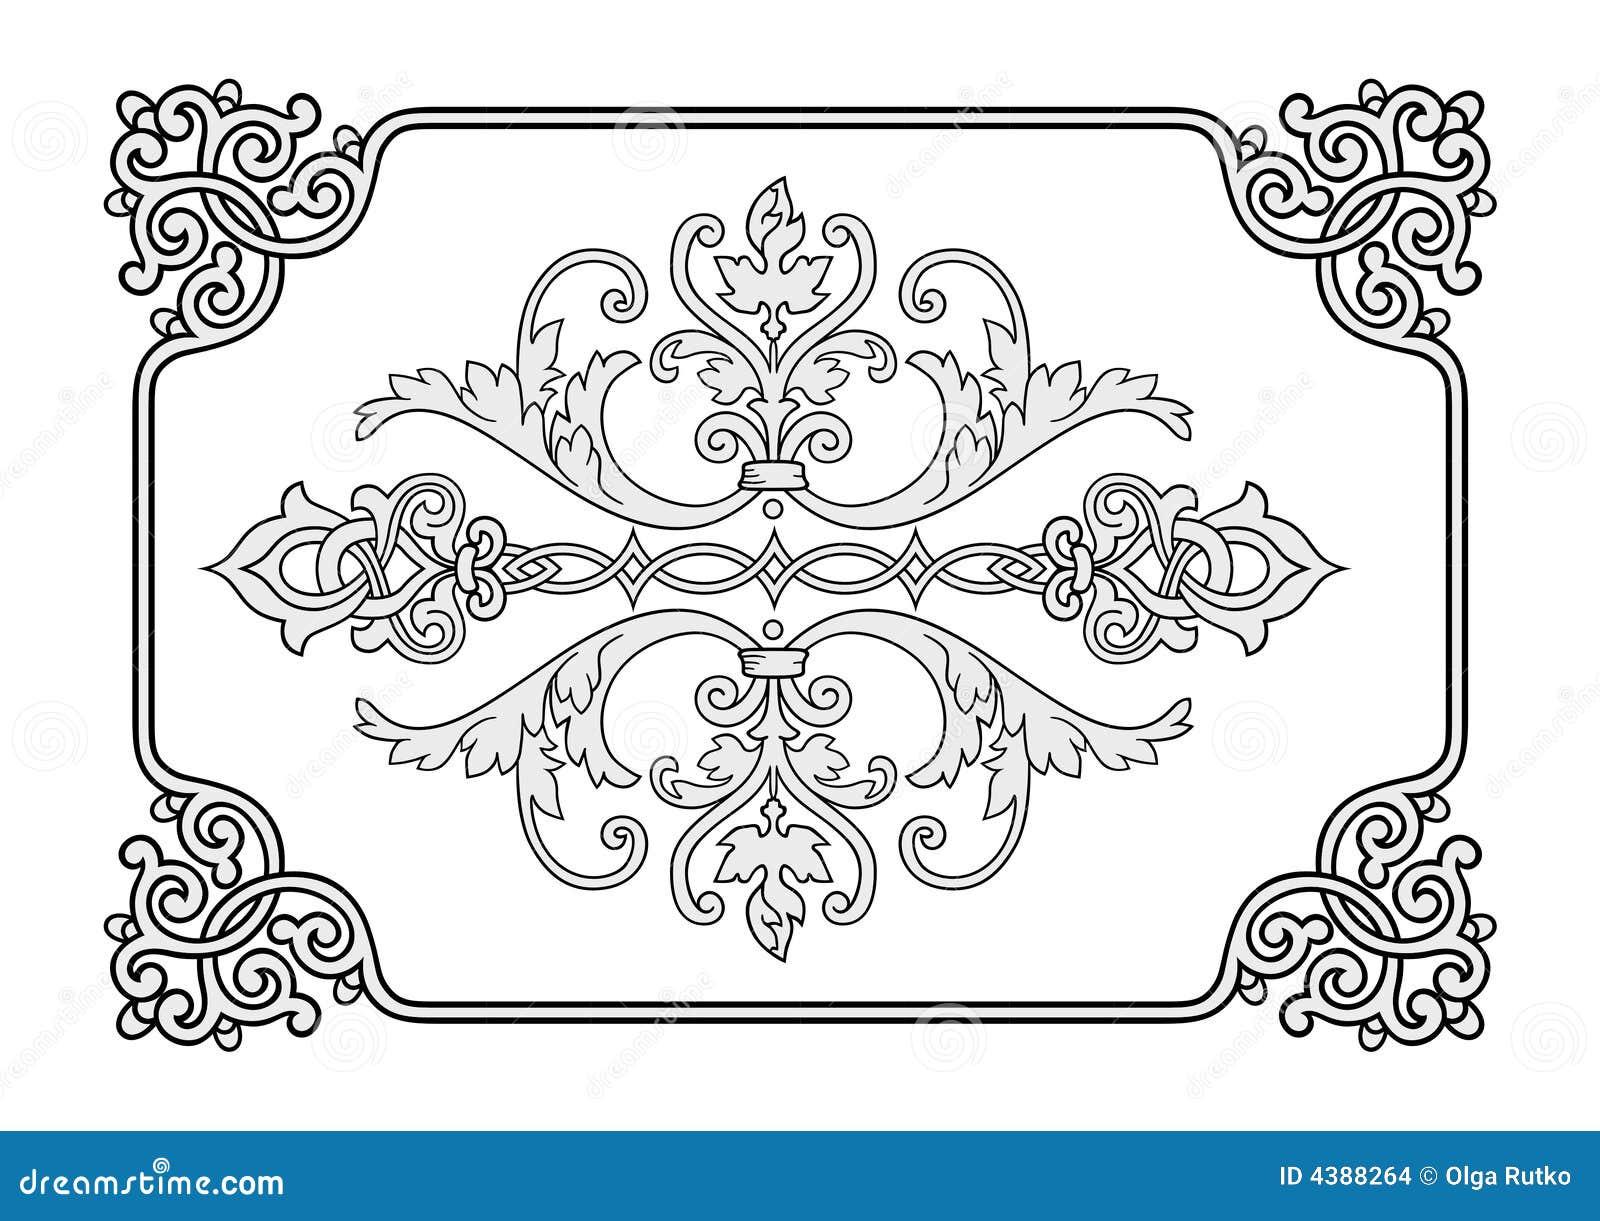 engraving frame